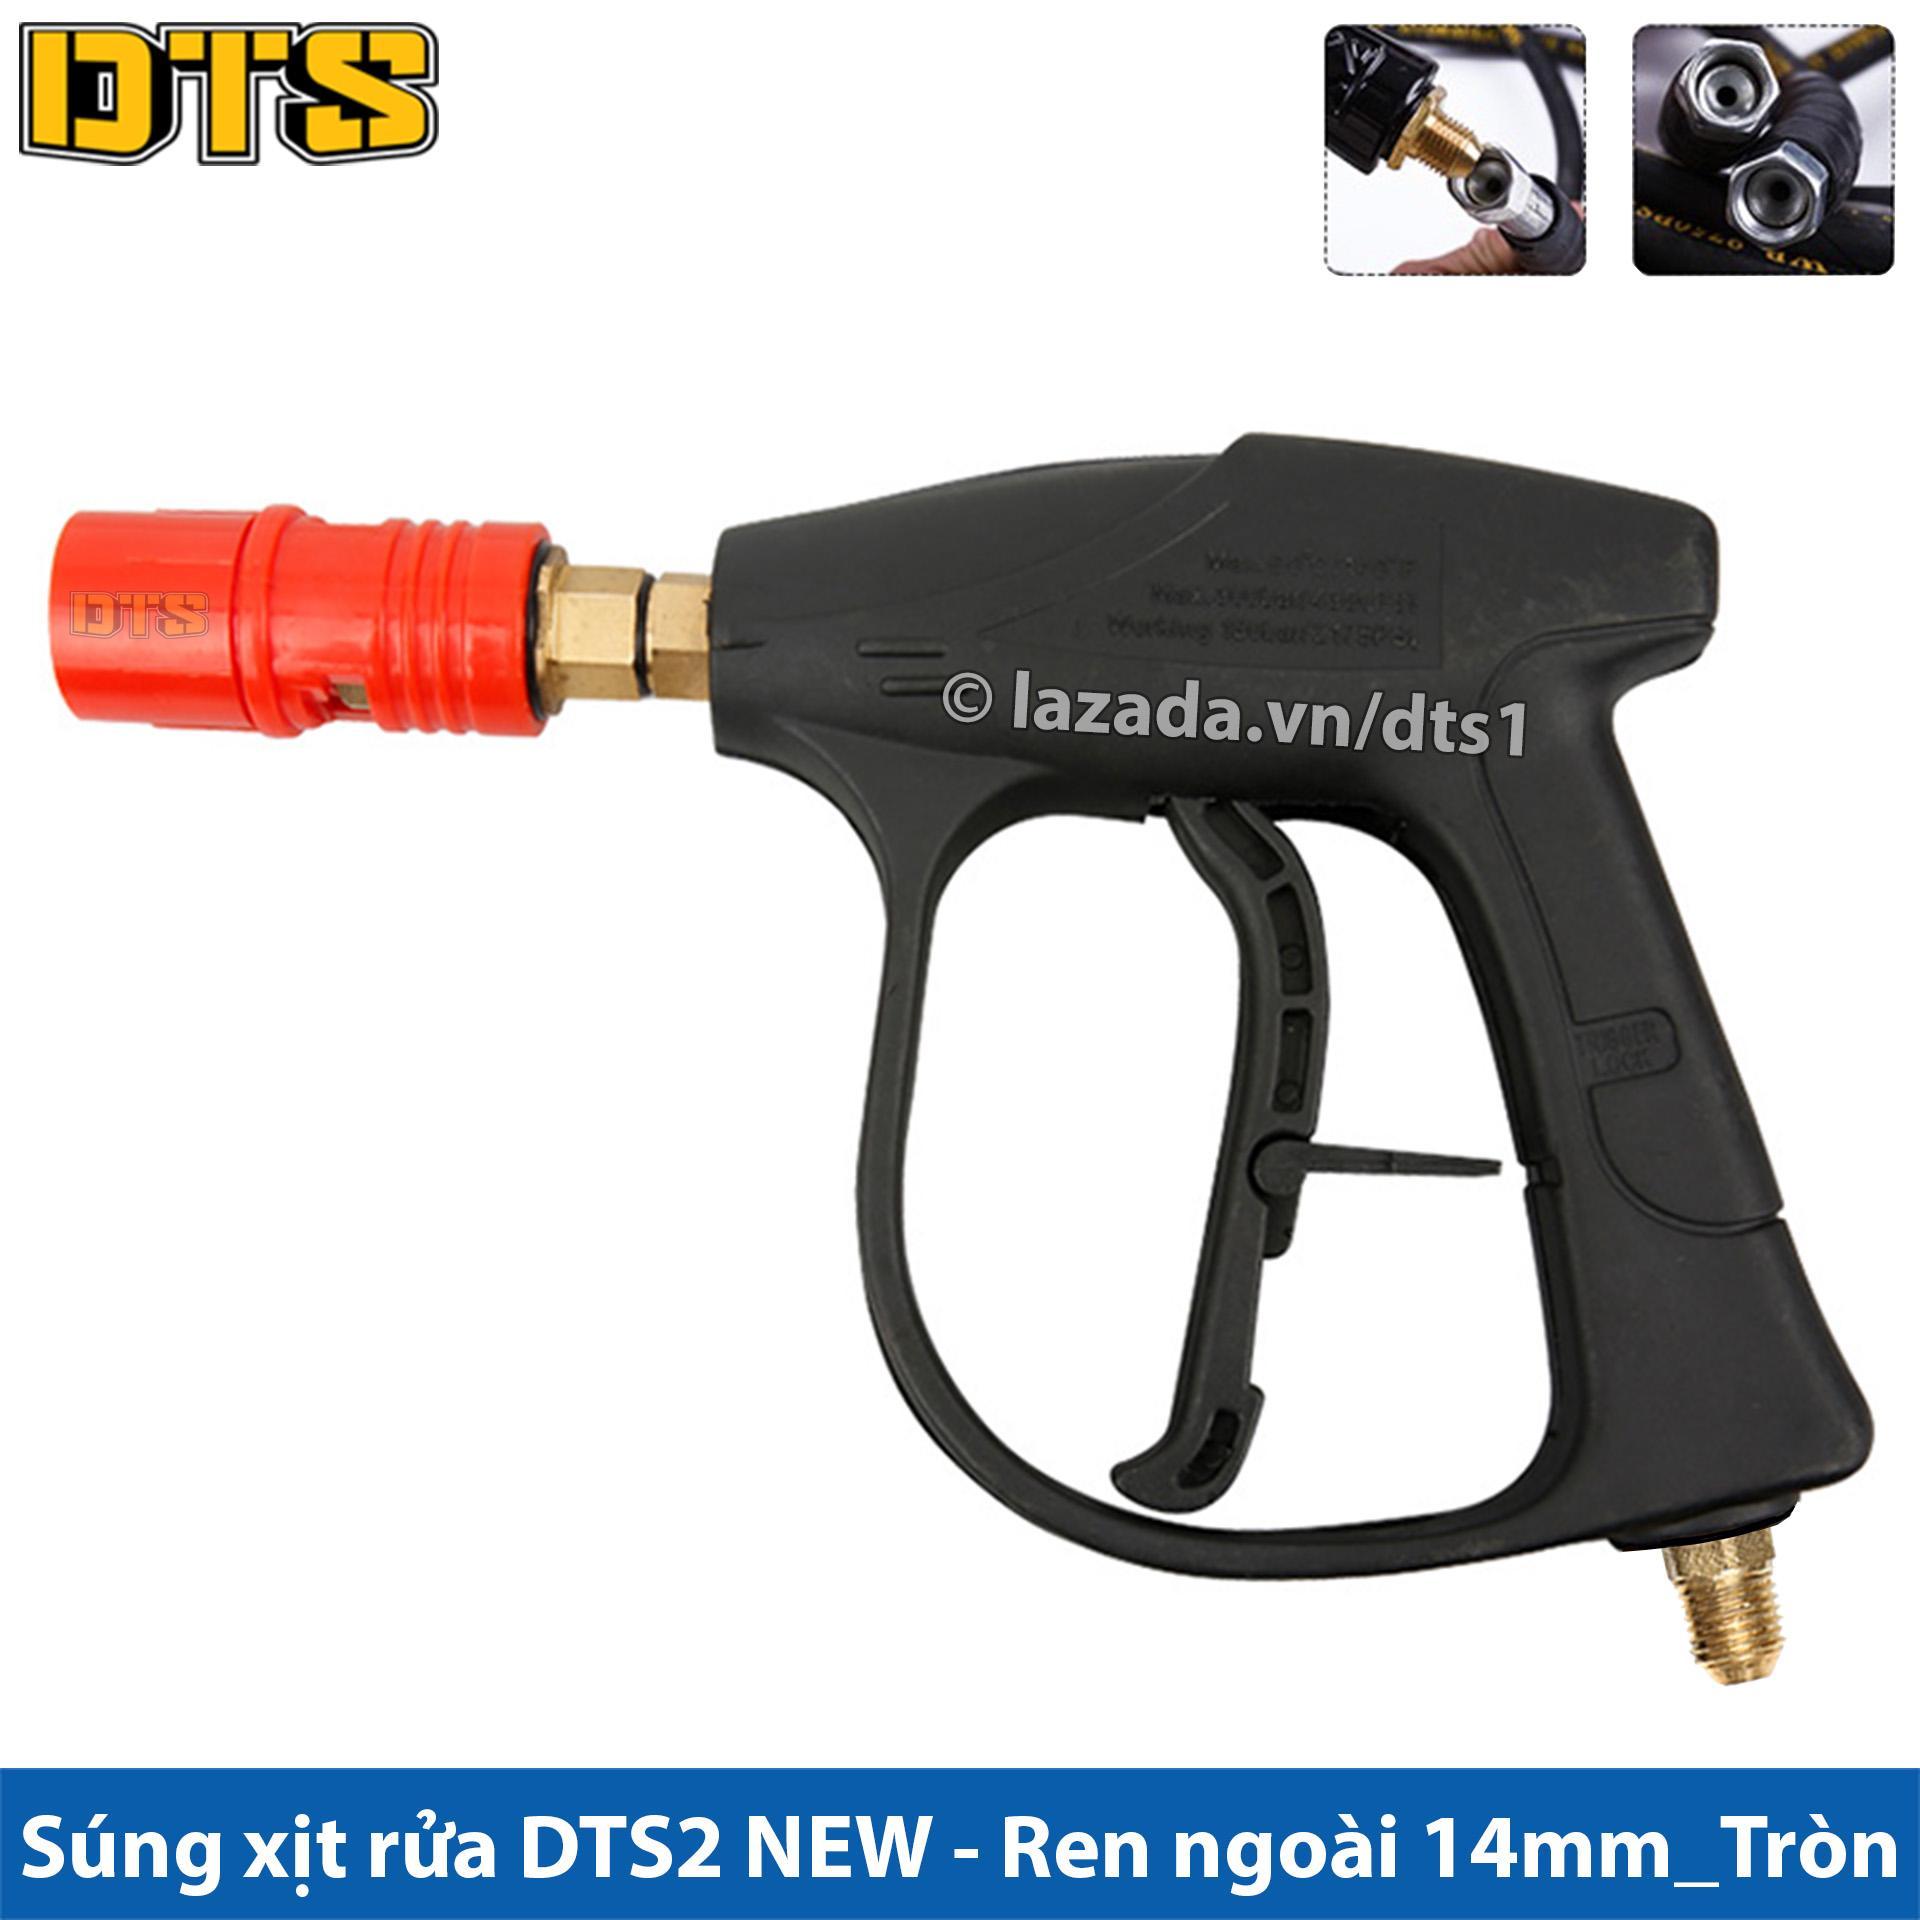 S.úng xịt rửa - s.úng rửa xe DTS2 NEW cho máy xịt rửa cao áp, máy rửa xe áp lực cao - Ren ngoài 14mm_Đầu tròn